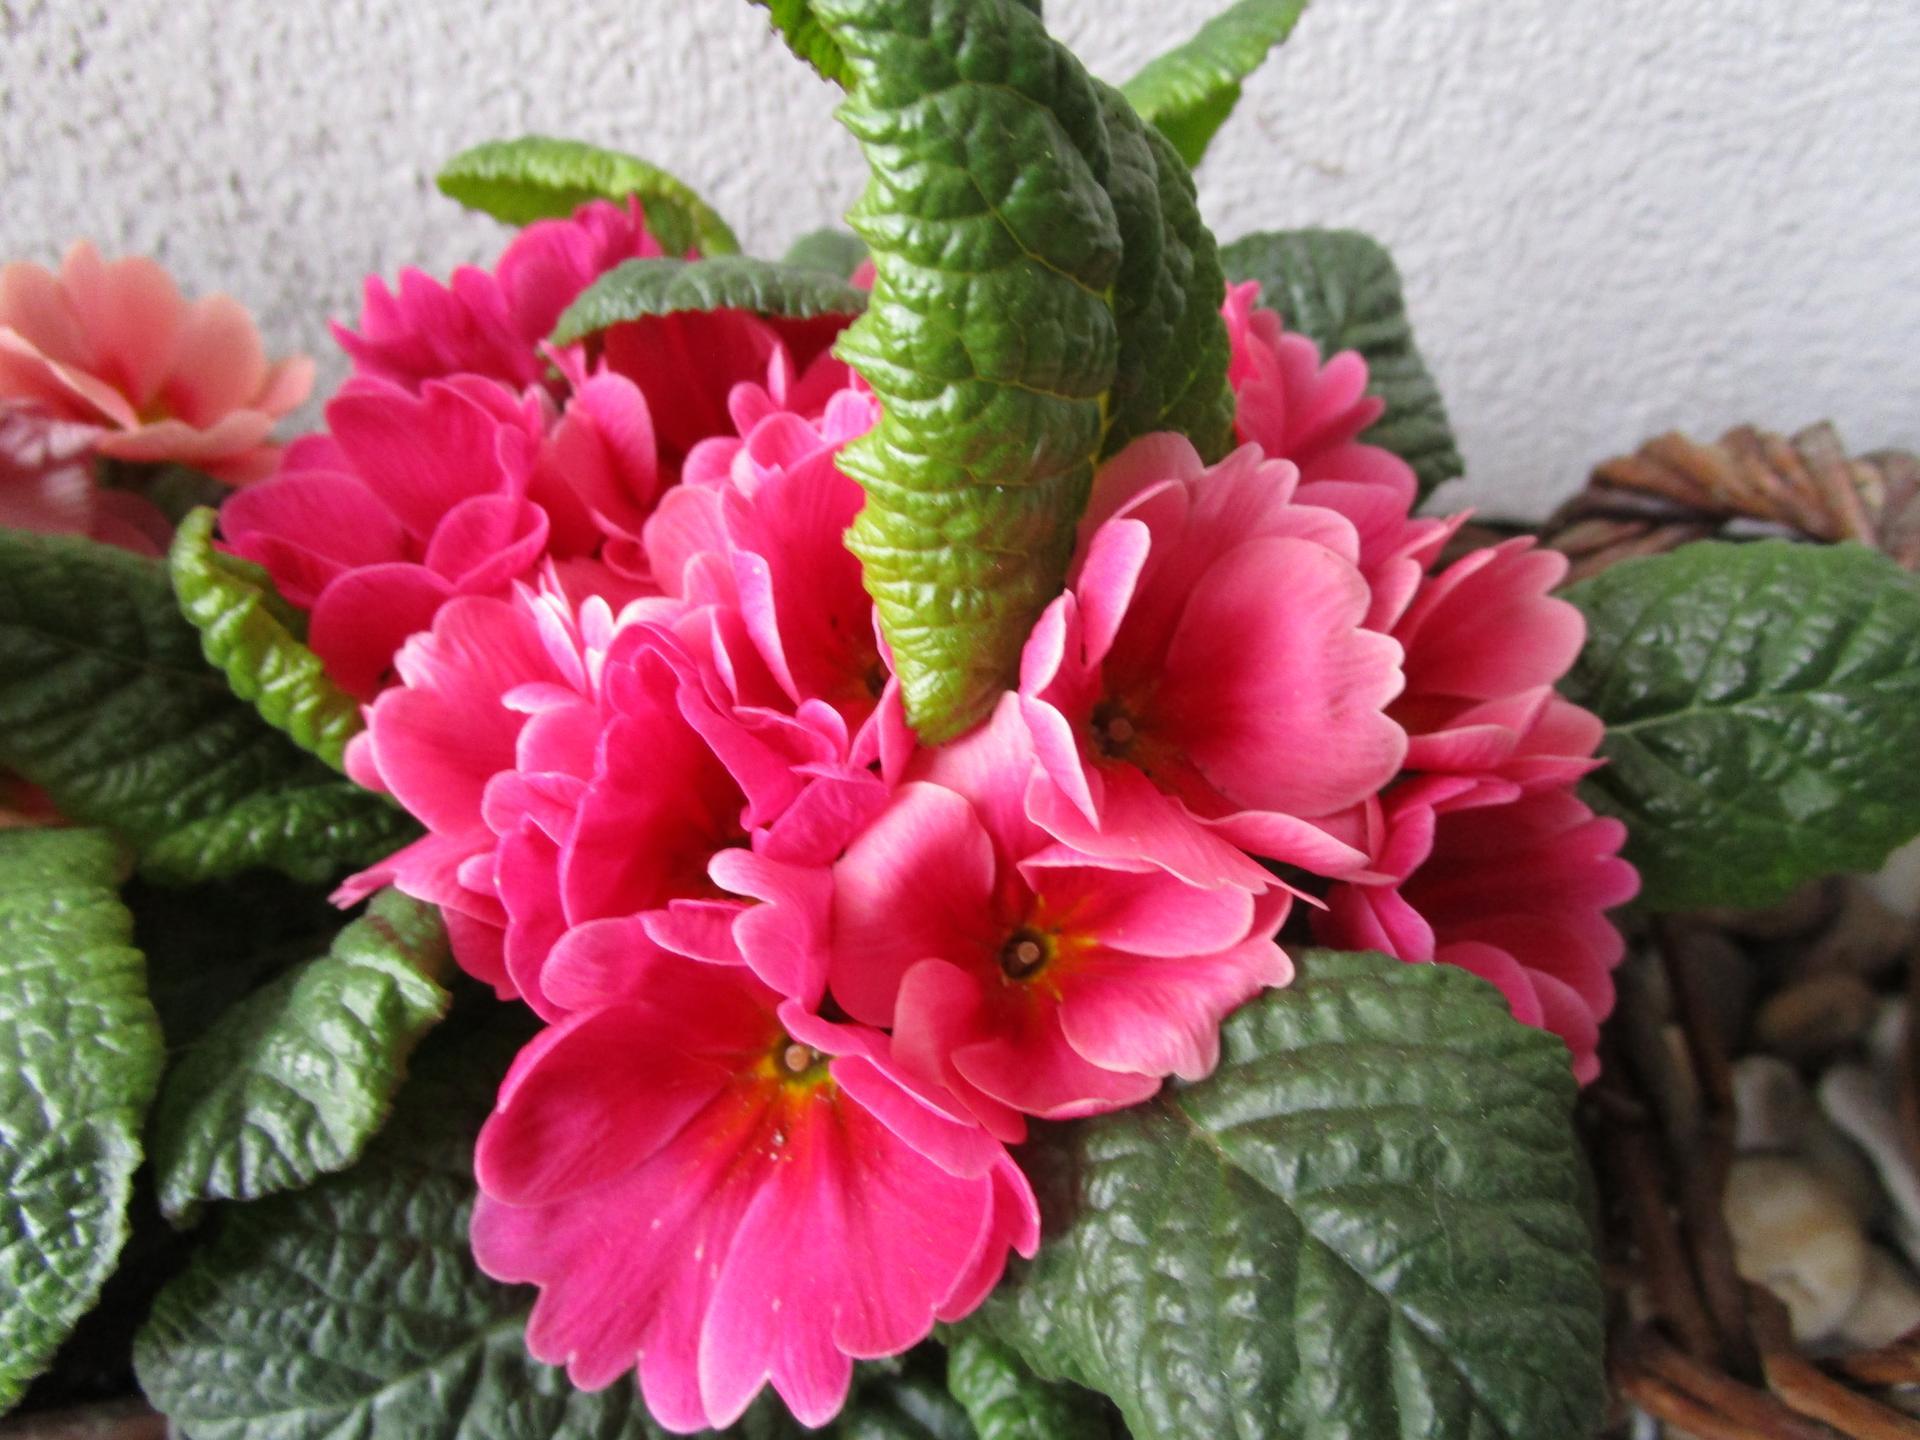 Vítáme jaro ... - Obrázek č. 4